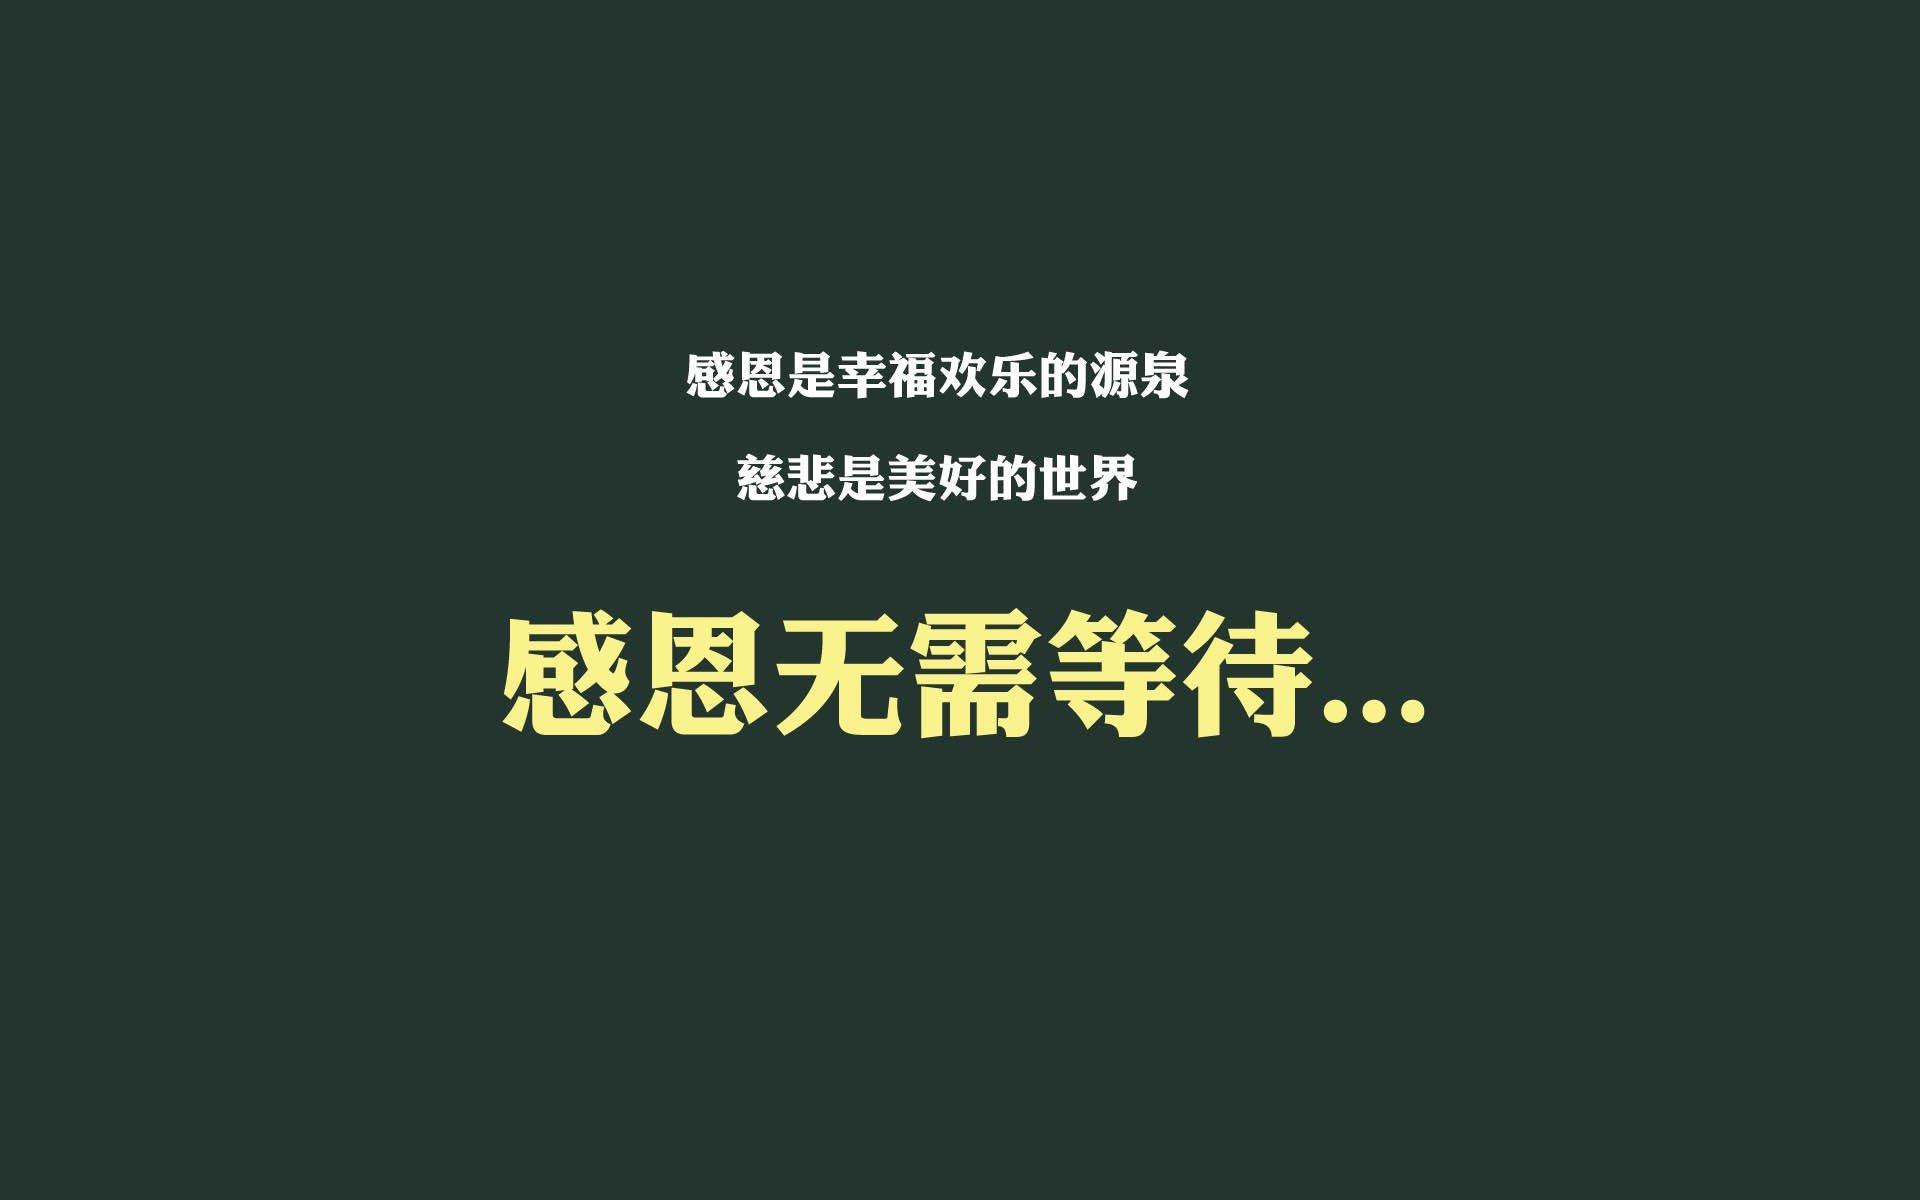 07年上海车异地过户到台州可以吗?(本地国四车可以过户吗)